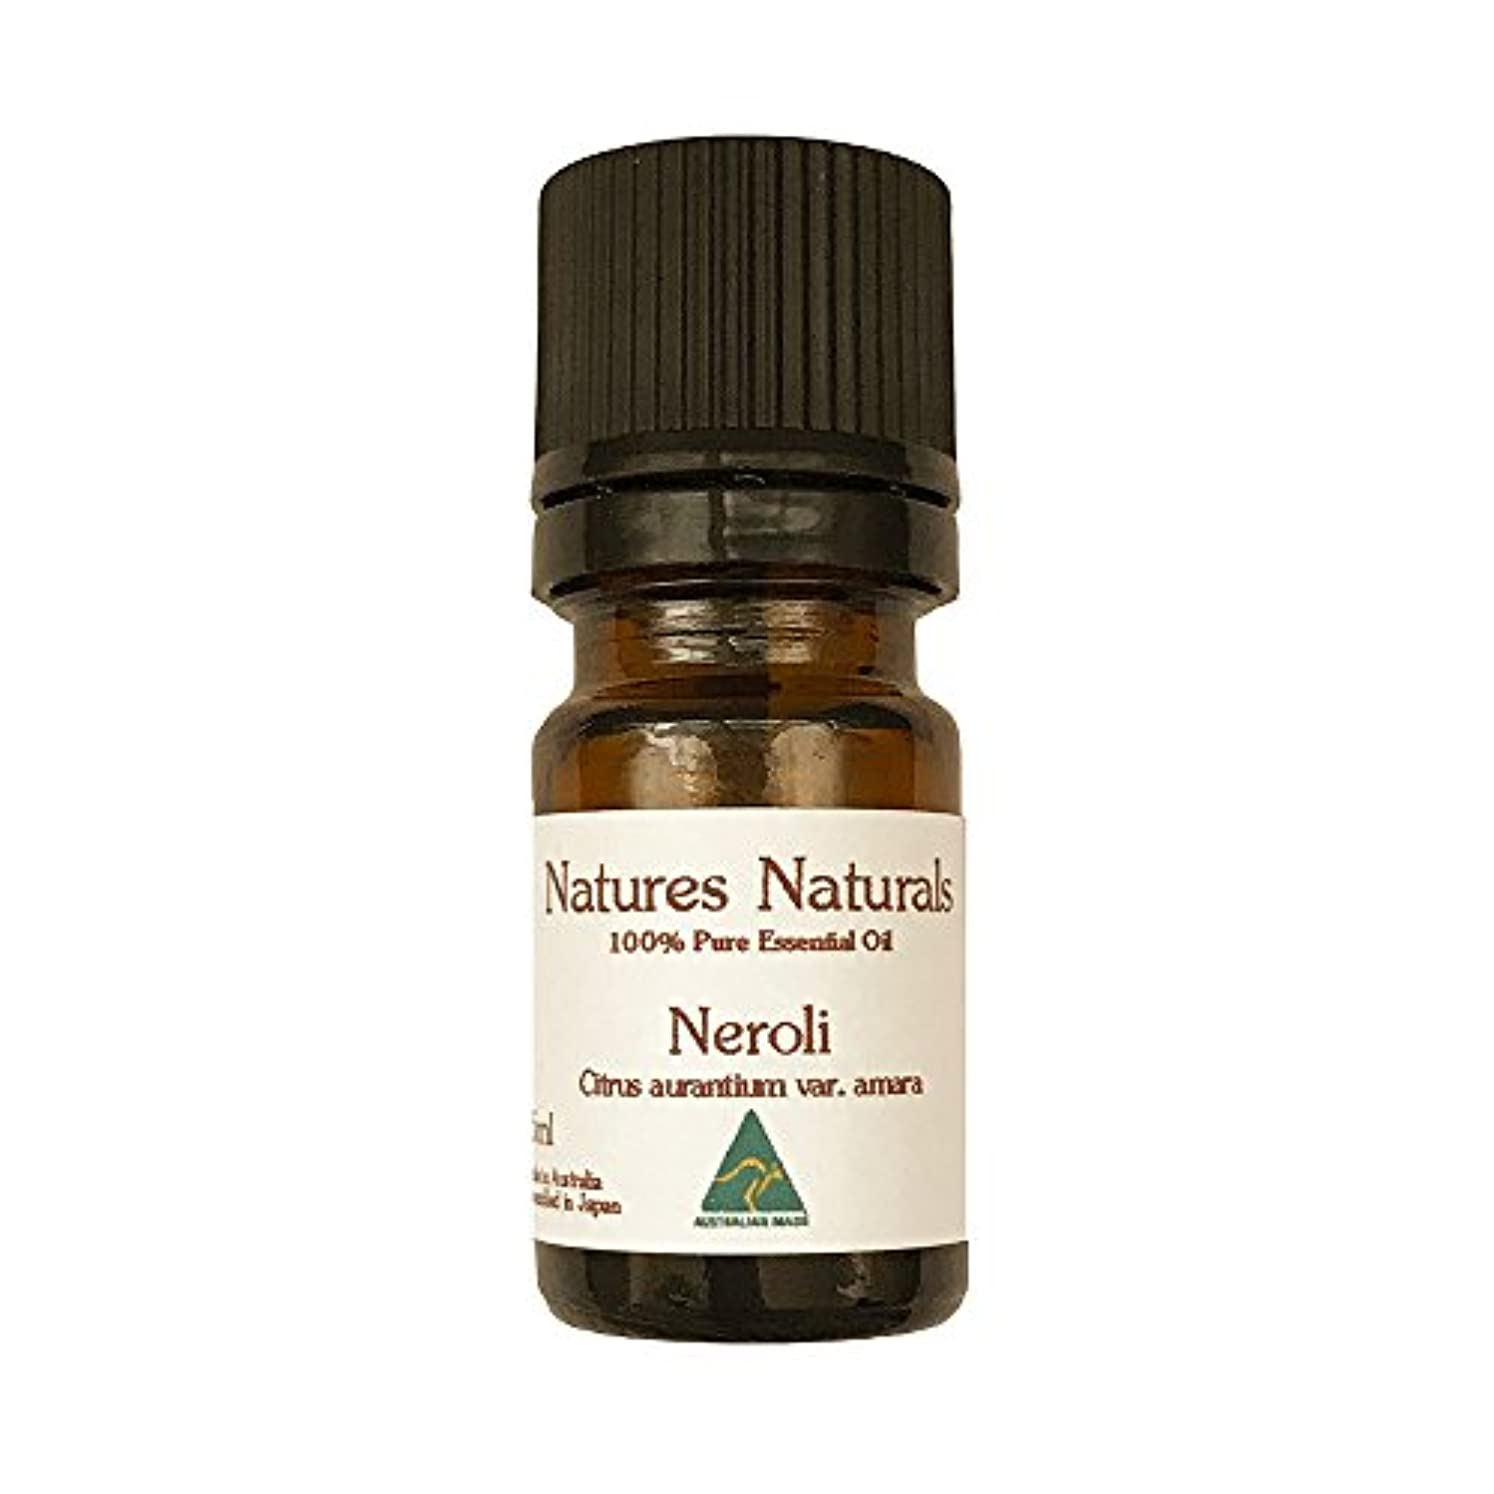 白内障エゴイズム出身地ネロリ 100% 天然精油 エッセンシャルオイル 5ml イタリア産ネロリ pure neroli essential oil